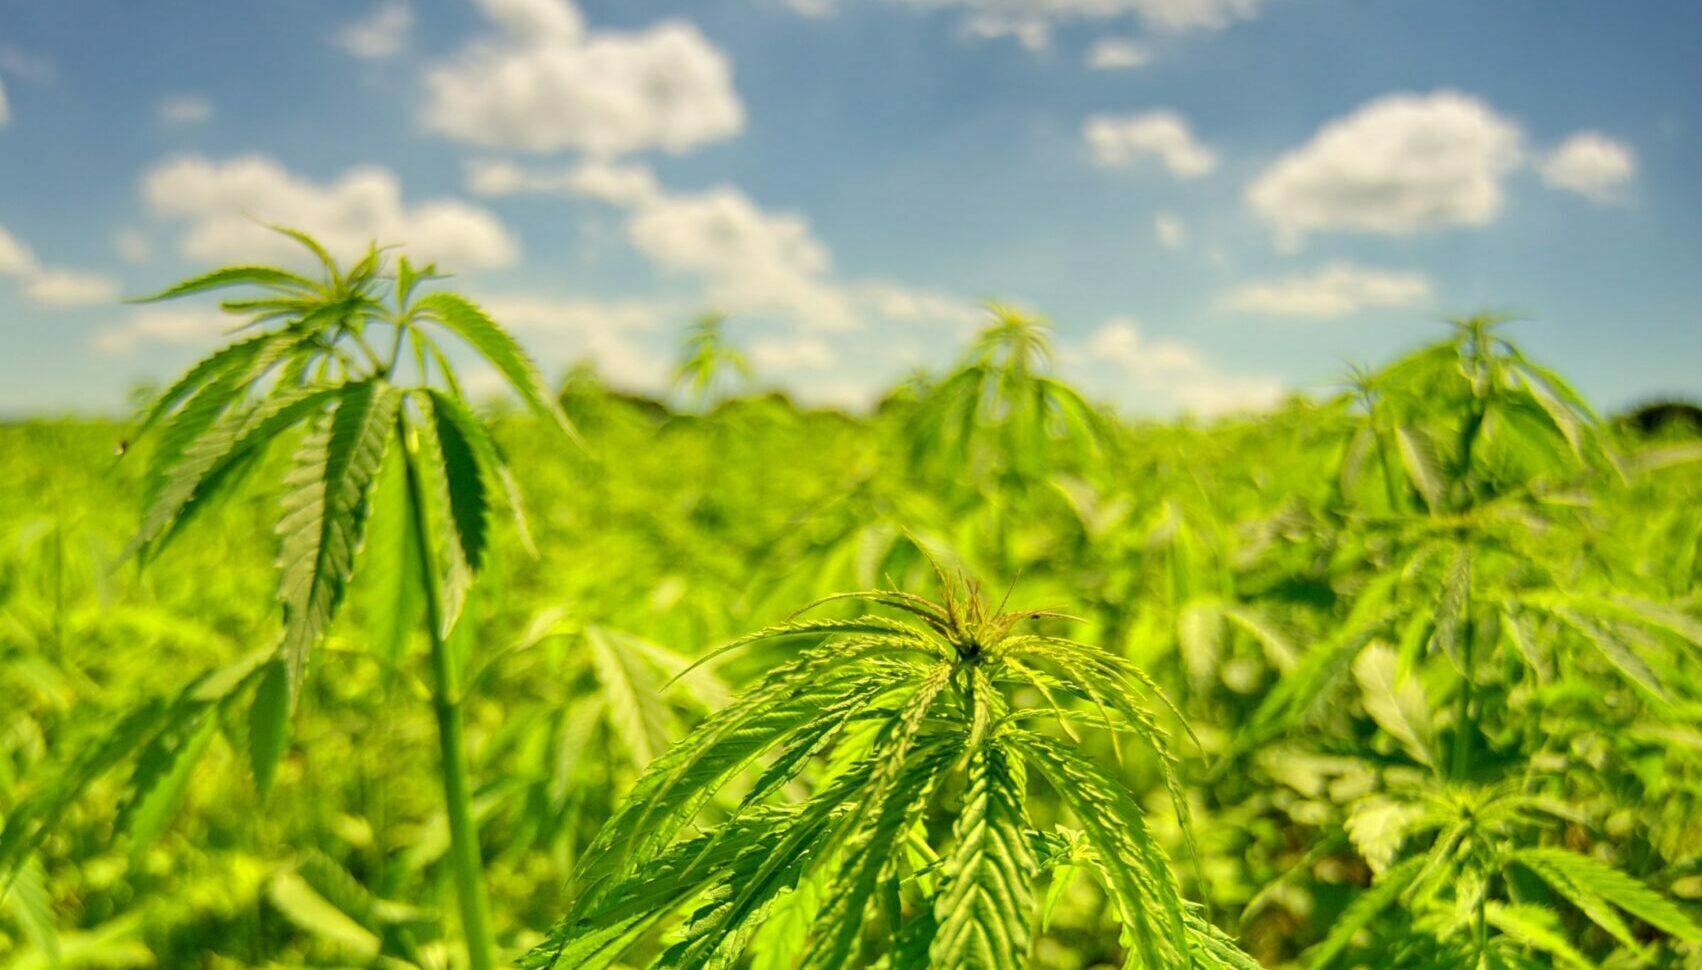 chaco cannabis cáñamo